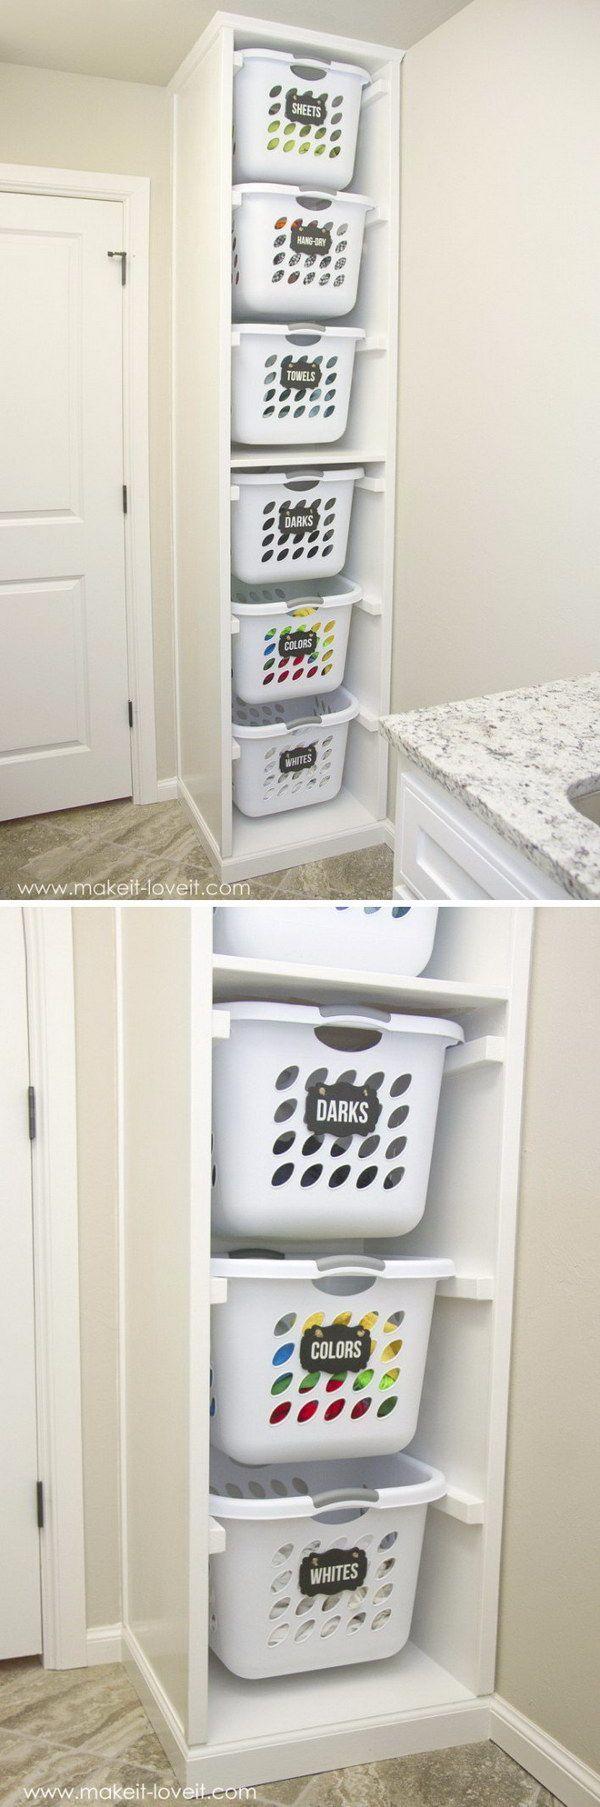 diy knit share activit pinterest waschk che haus und m bel. Black Bedroom Furniture Sets. Home Design Ideas